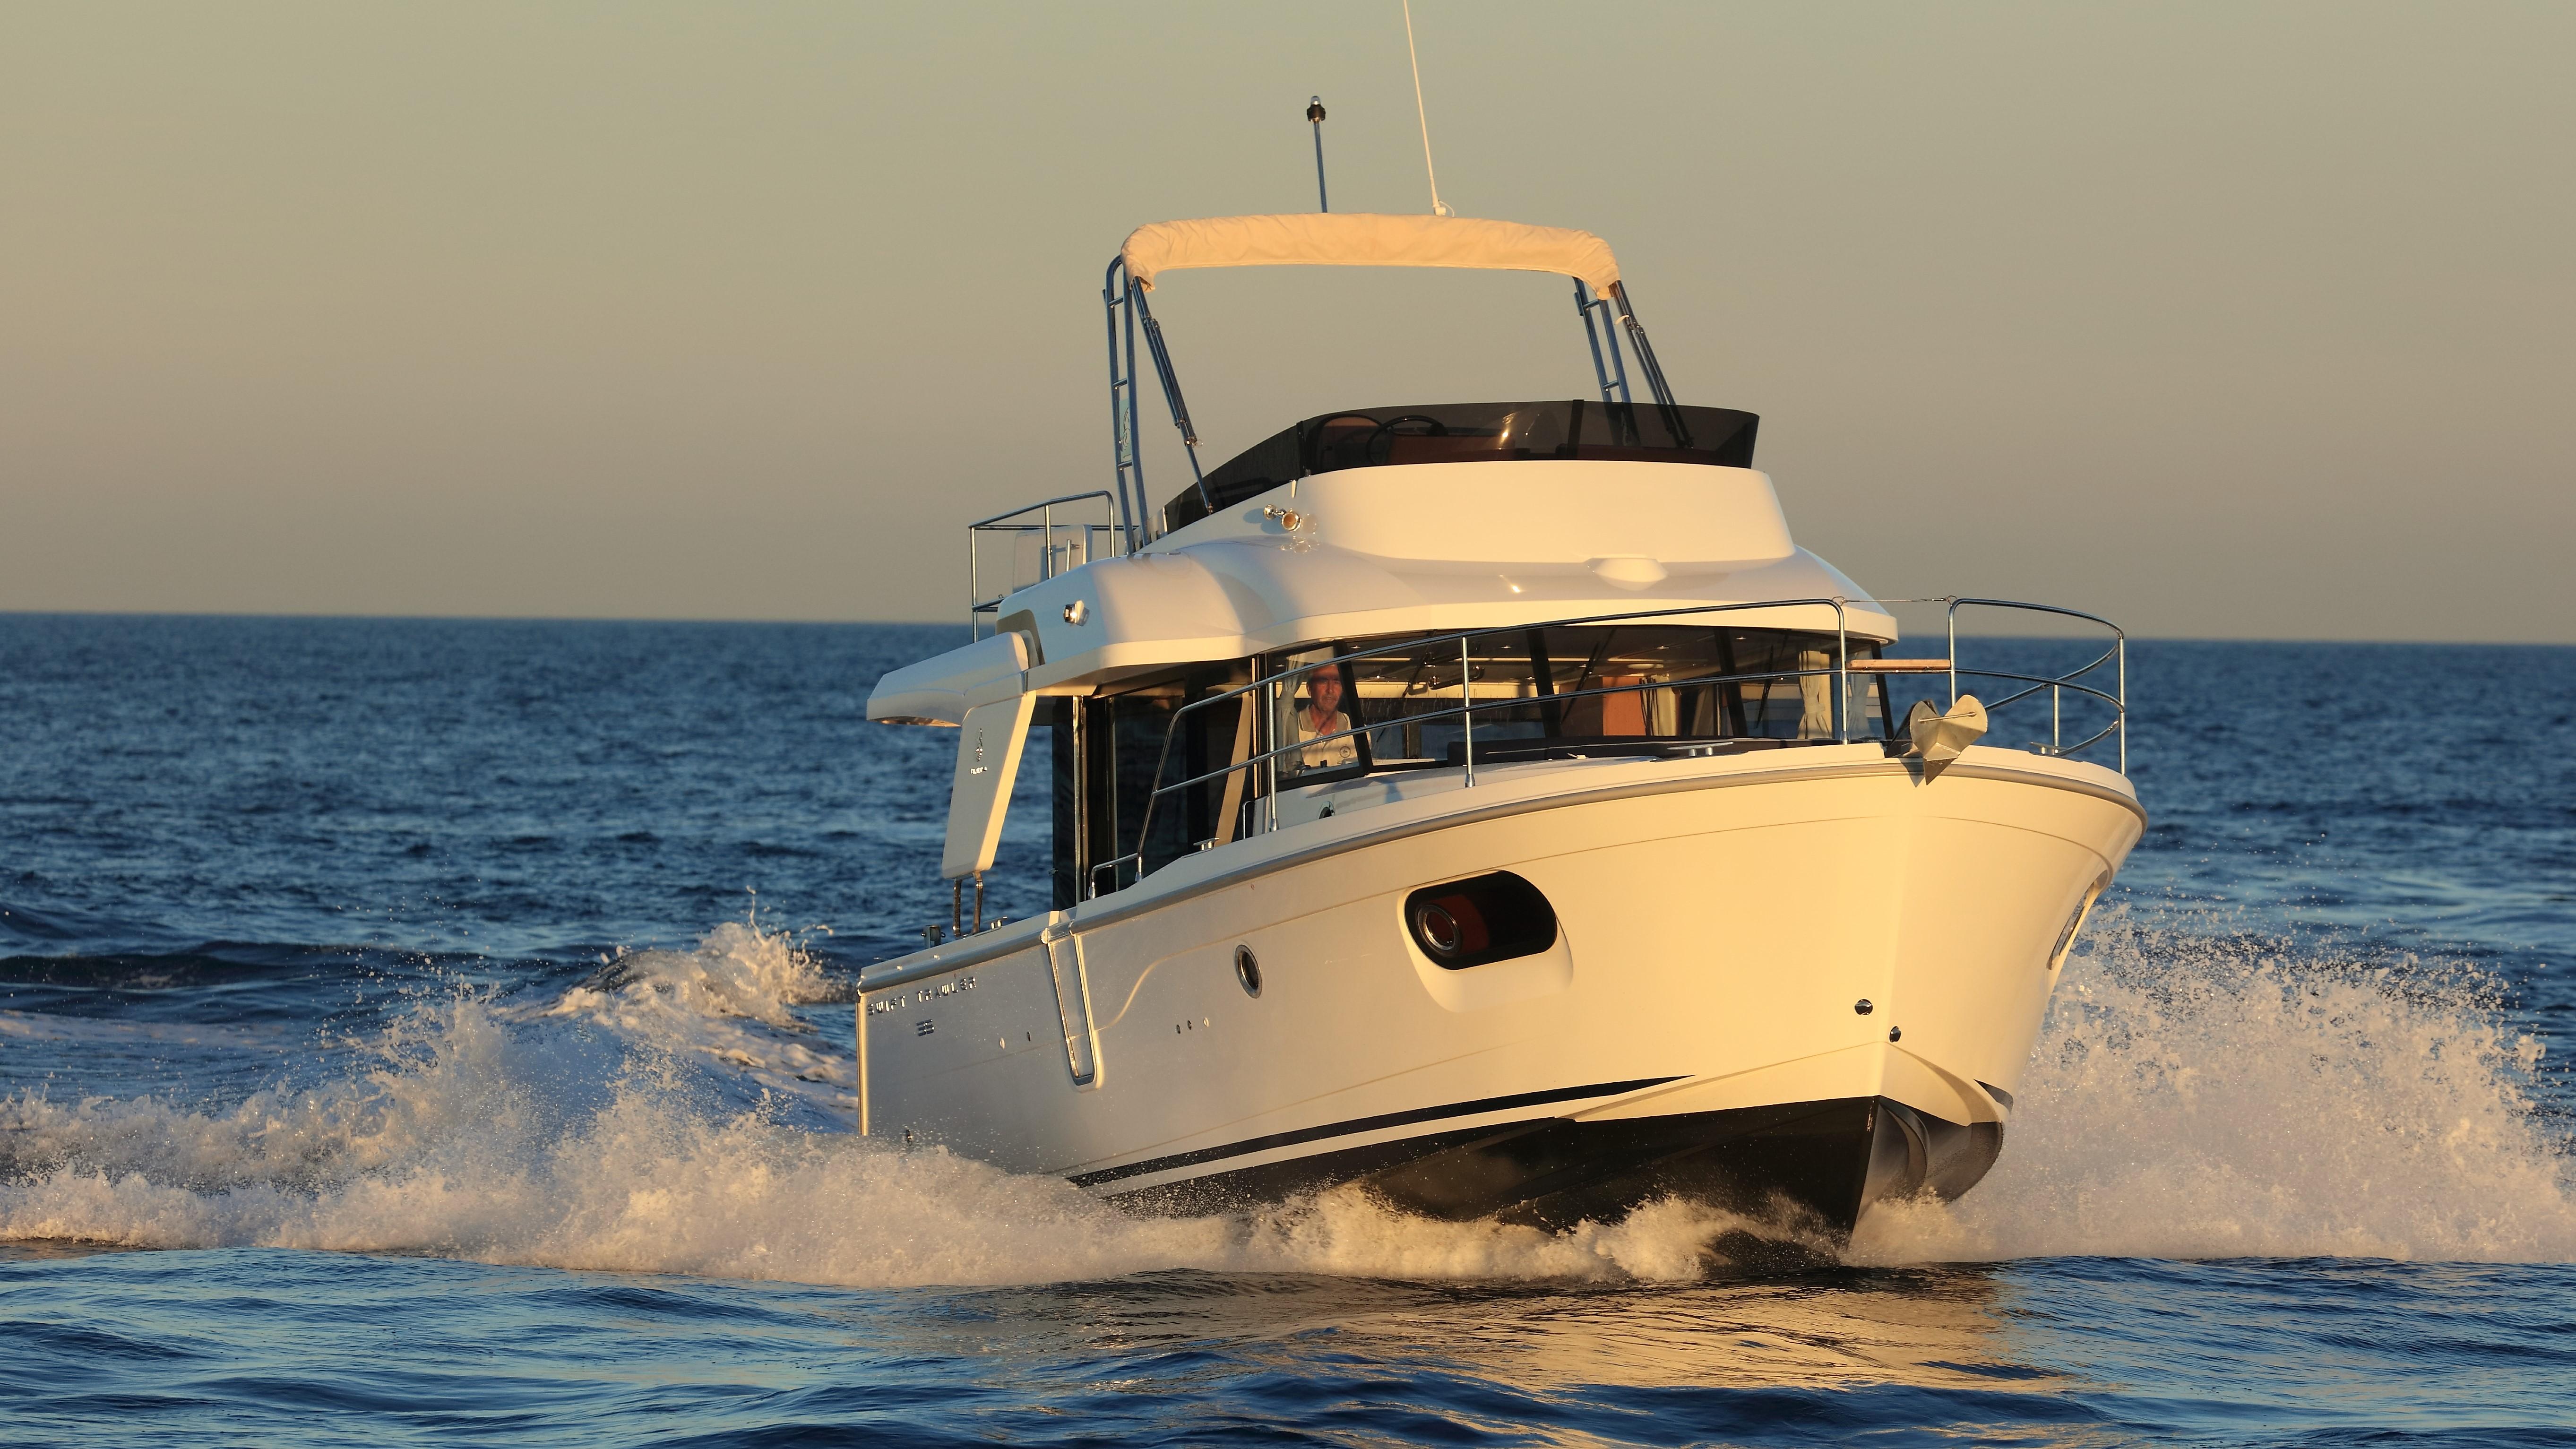 Beneteau Swift Trawler 35 Beneteau Swift Trawler 35 - Shared Ownership